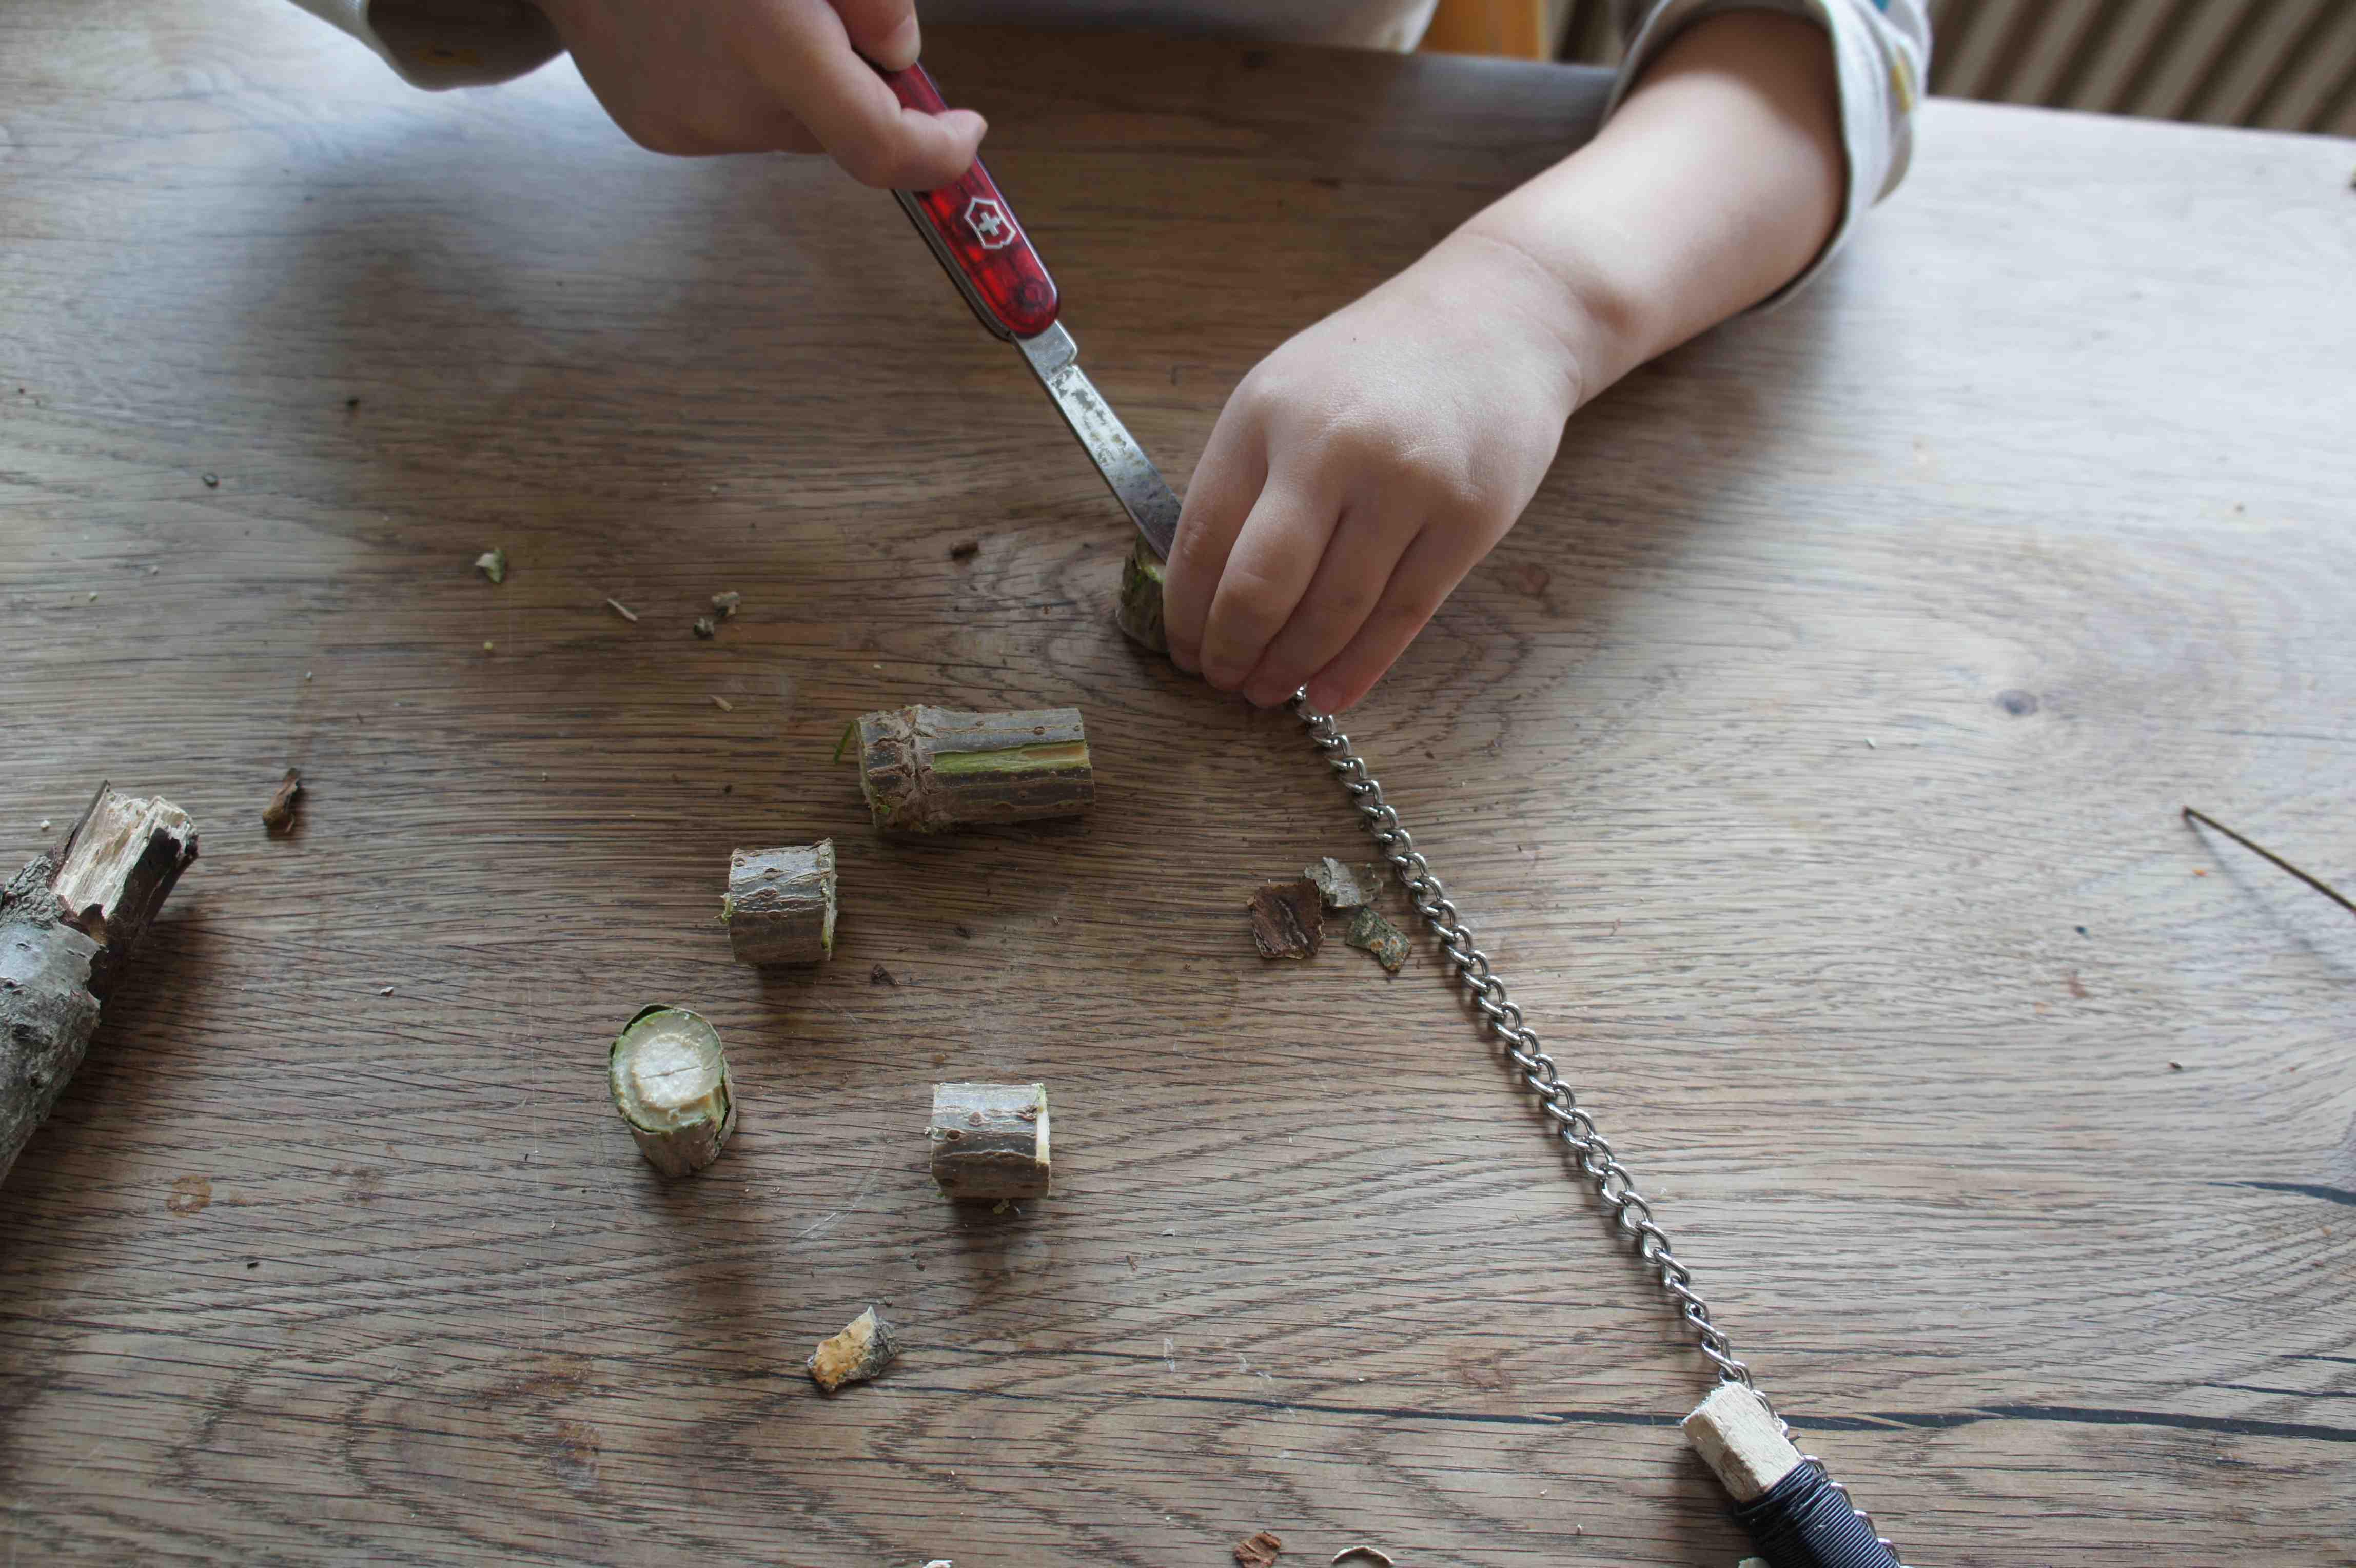 Mit dem Taschenmesser oder dem Dorn davon entfernen die Kinder das Mark aus dem Hollunder. Foto: (c) Kinderoutdoor.de